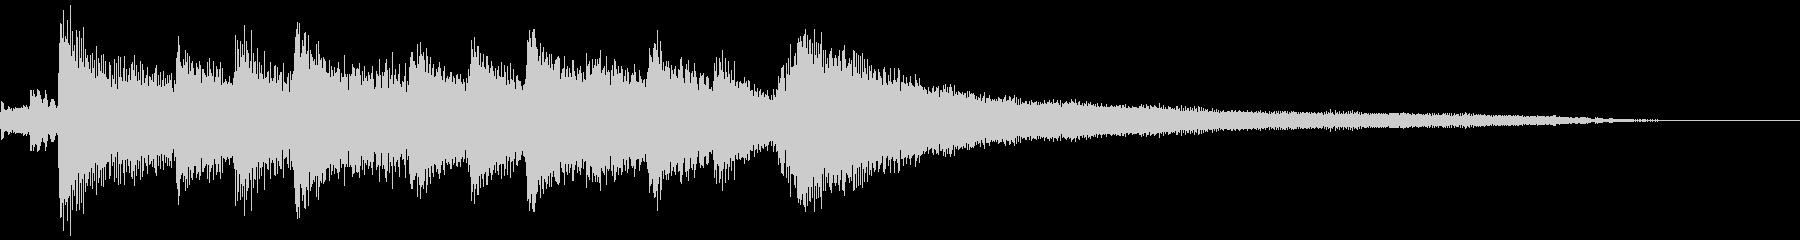 爽やかなピアノのジングルの未再生の波形